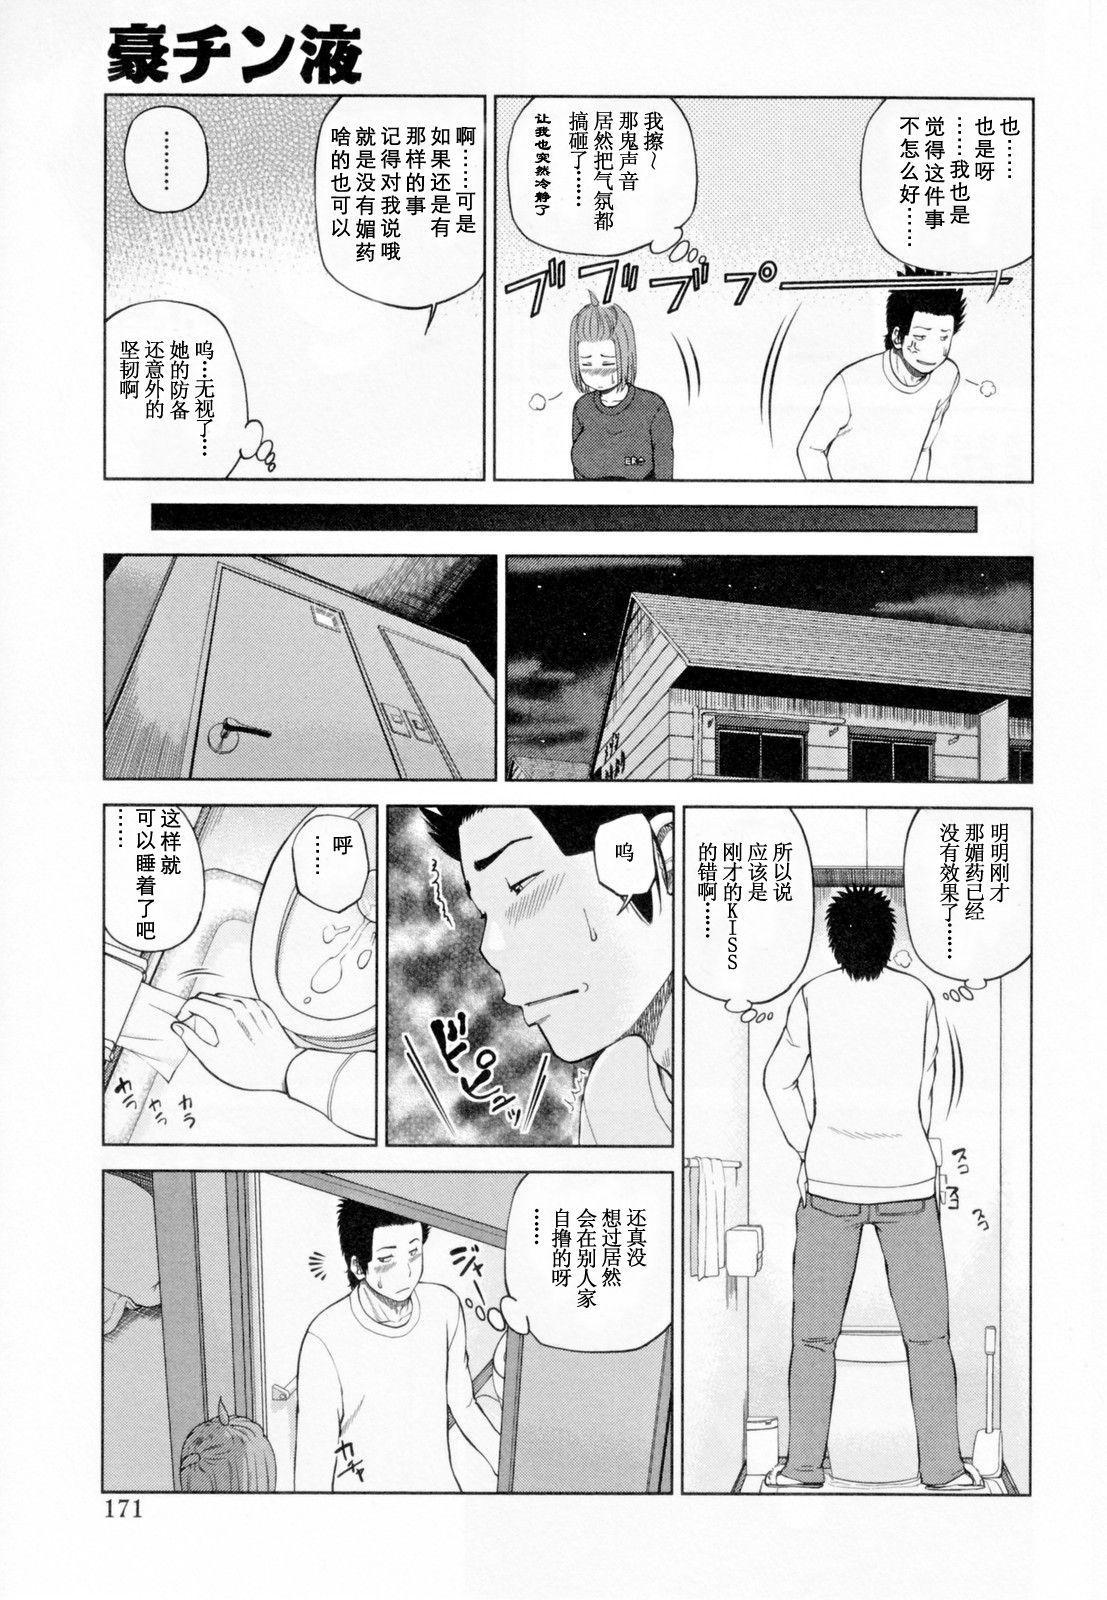 32 Sai Yokkyuufuman no Hitozuma 174